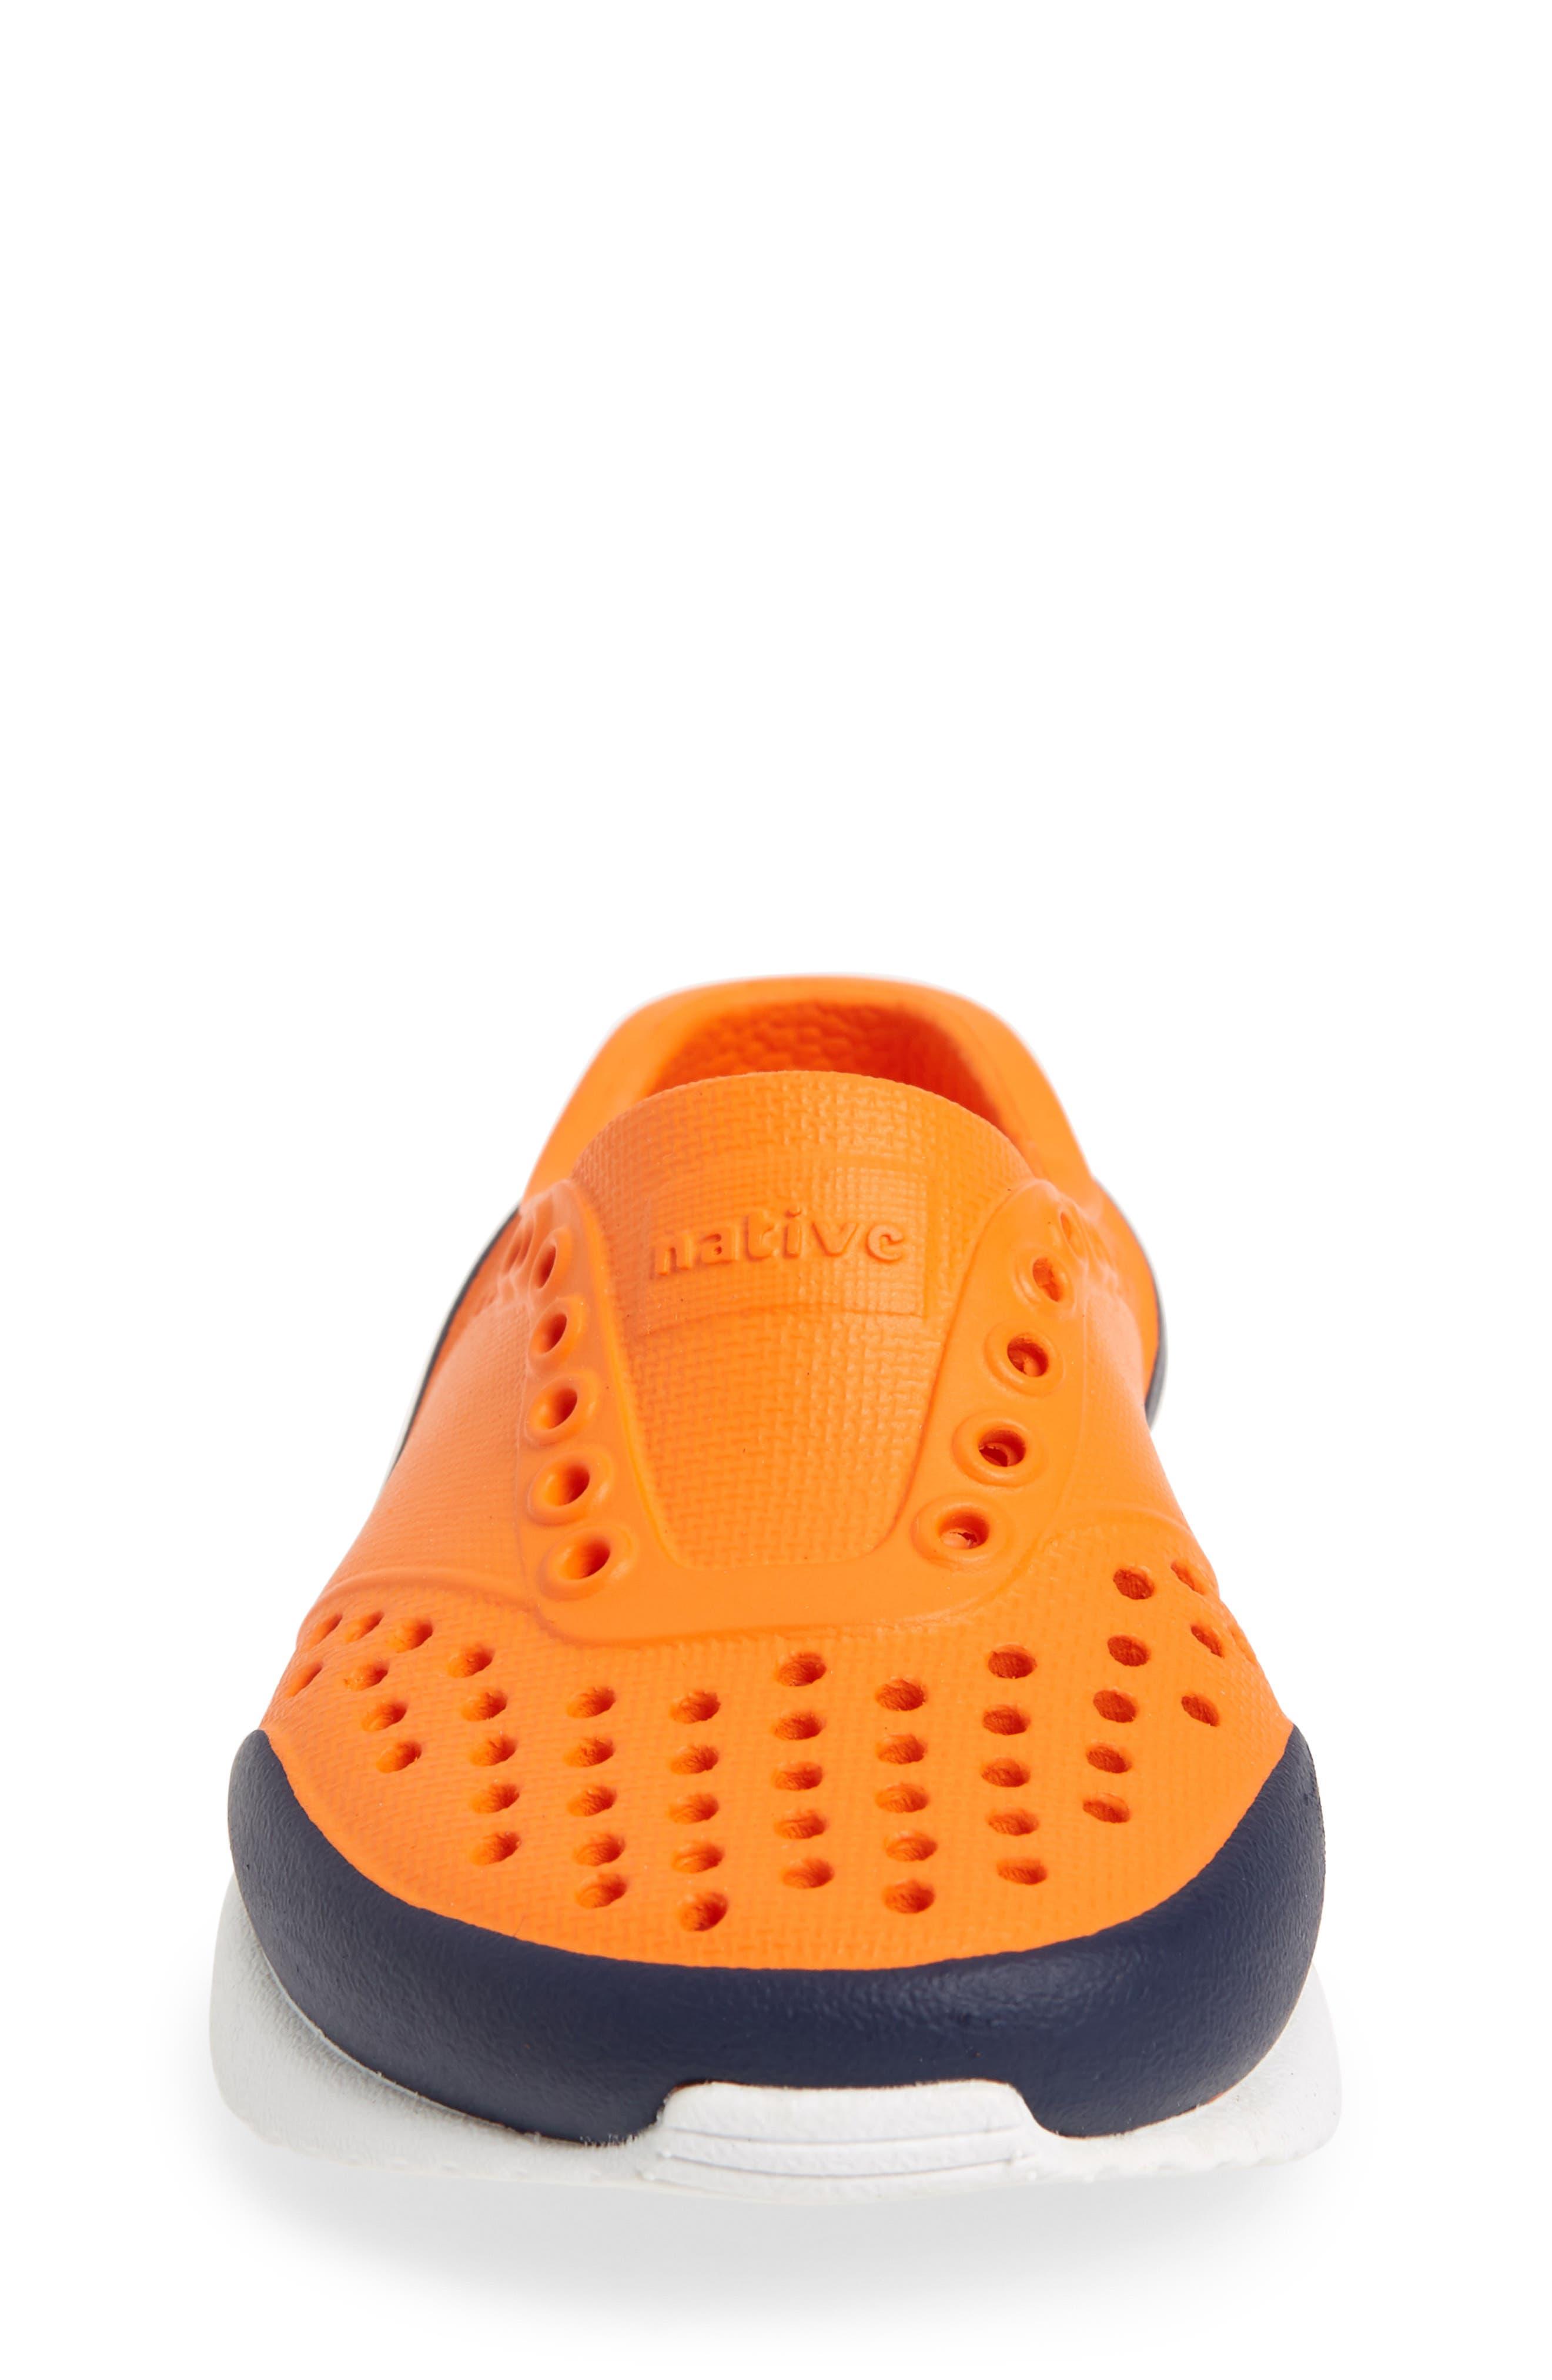 Lennox Block Slip-On Sneaker,                             Alternate thumbnail 4, color,                             Sunset Orange/ White/ Blue